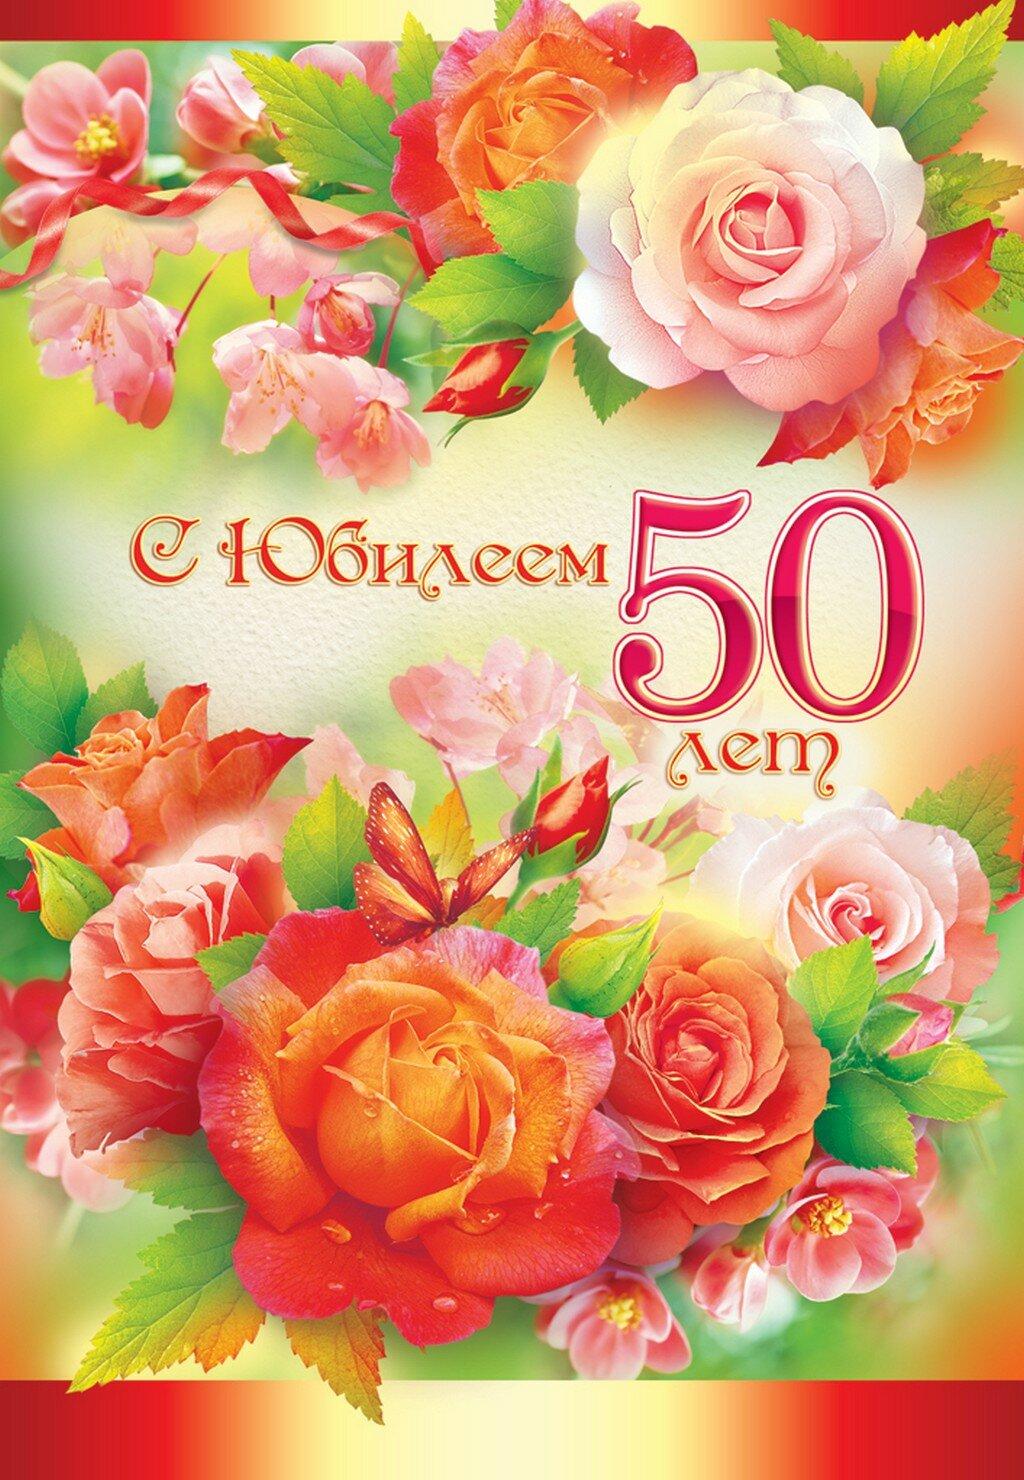 С 50 летием жену поздравление